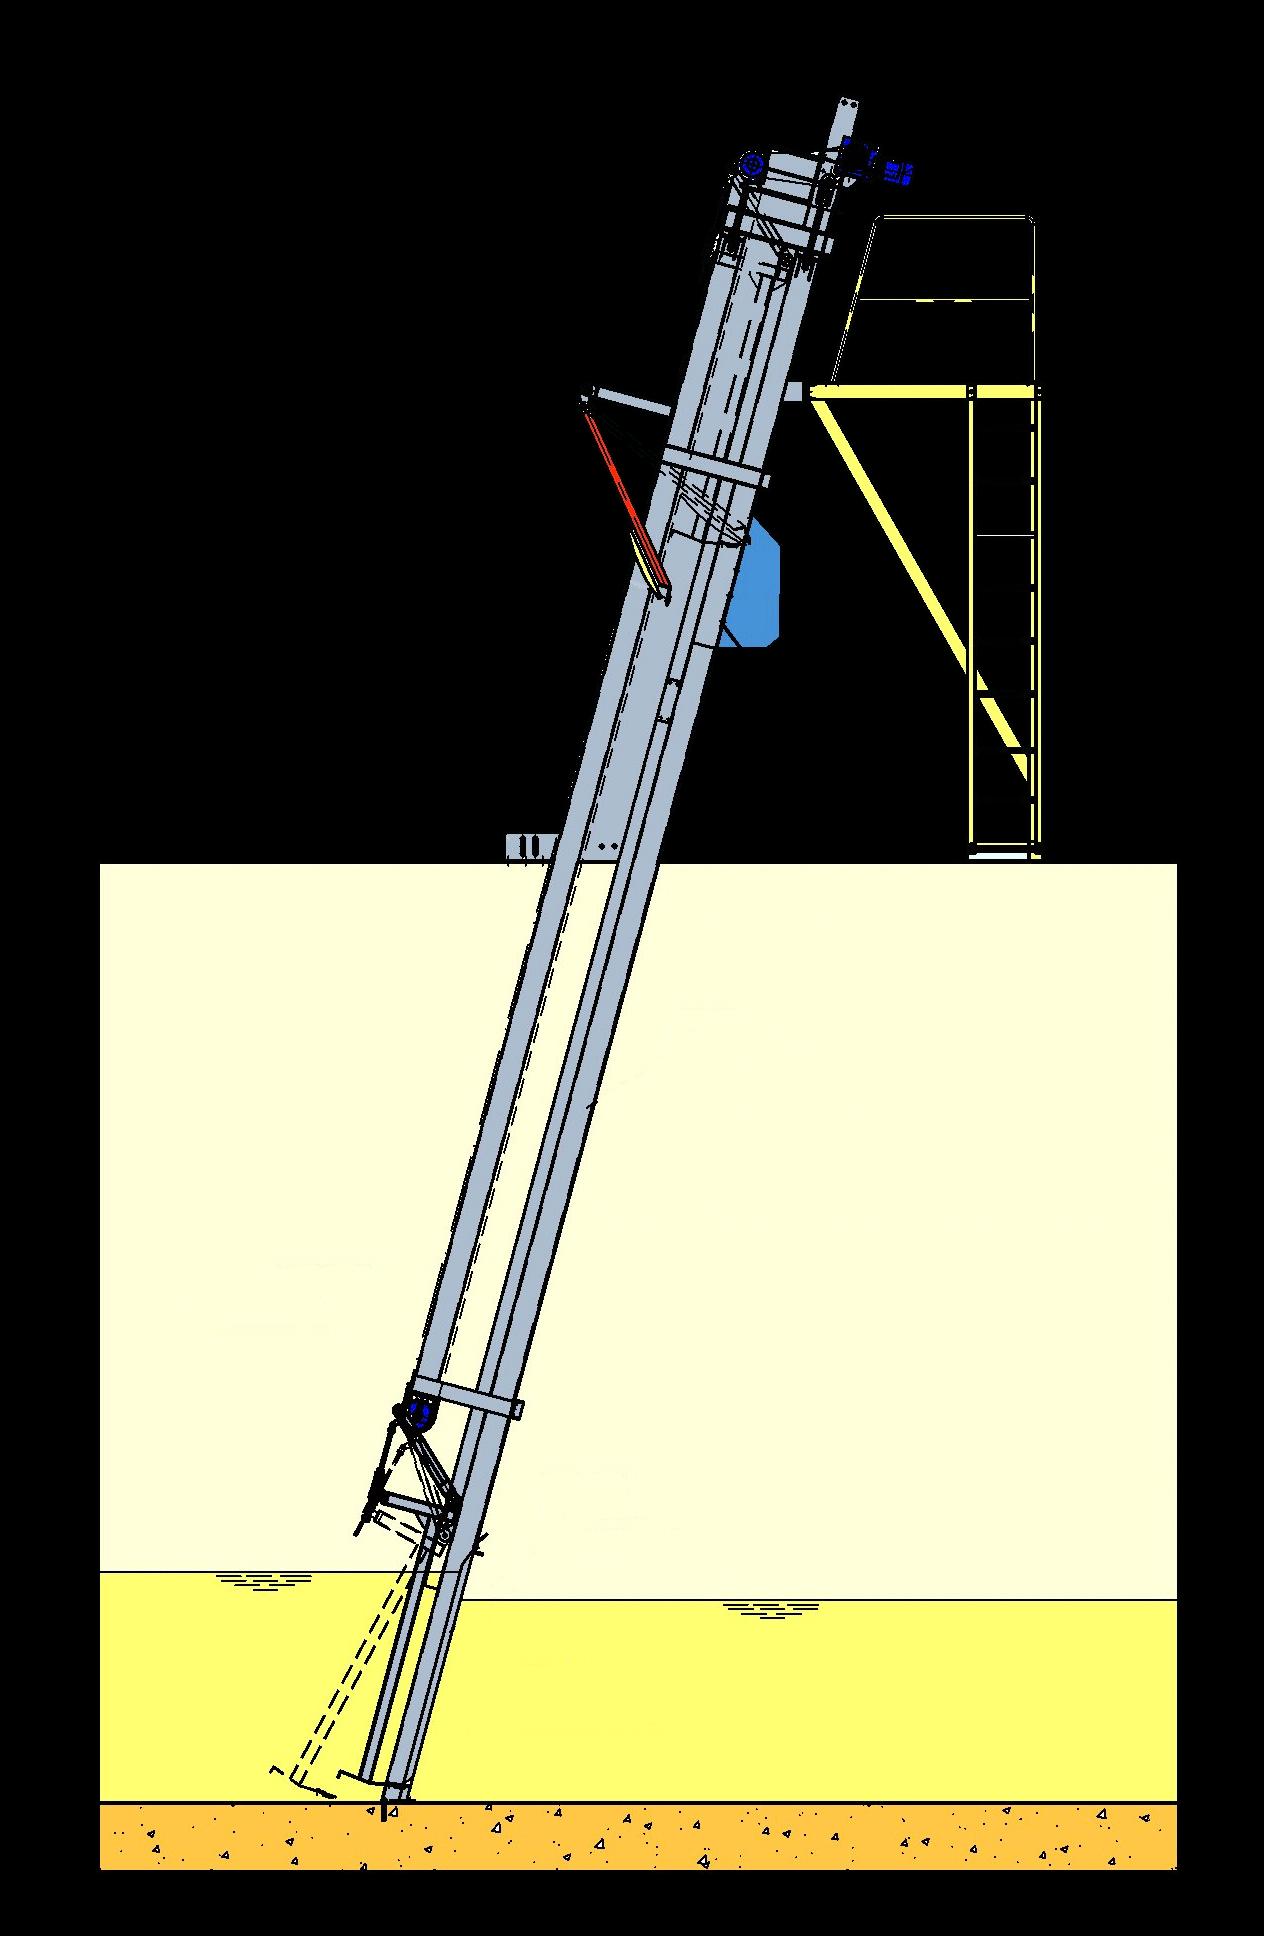 Griglie meccaniche a barre a pulizia frontale con catena-mobile